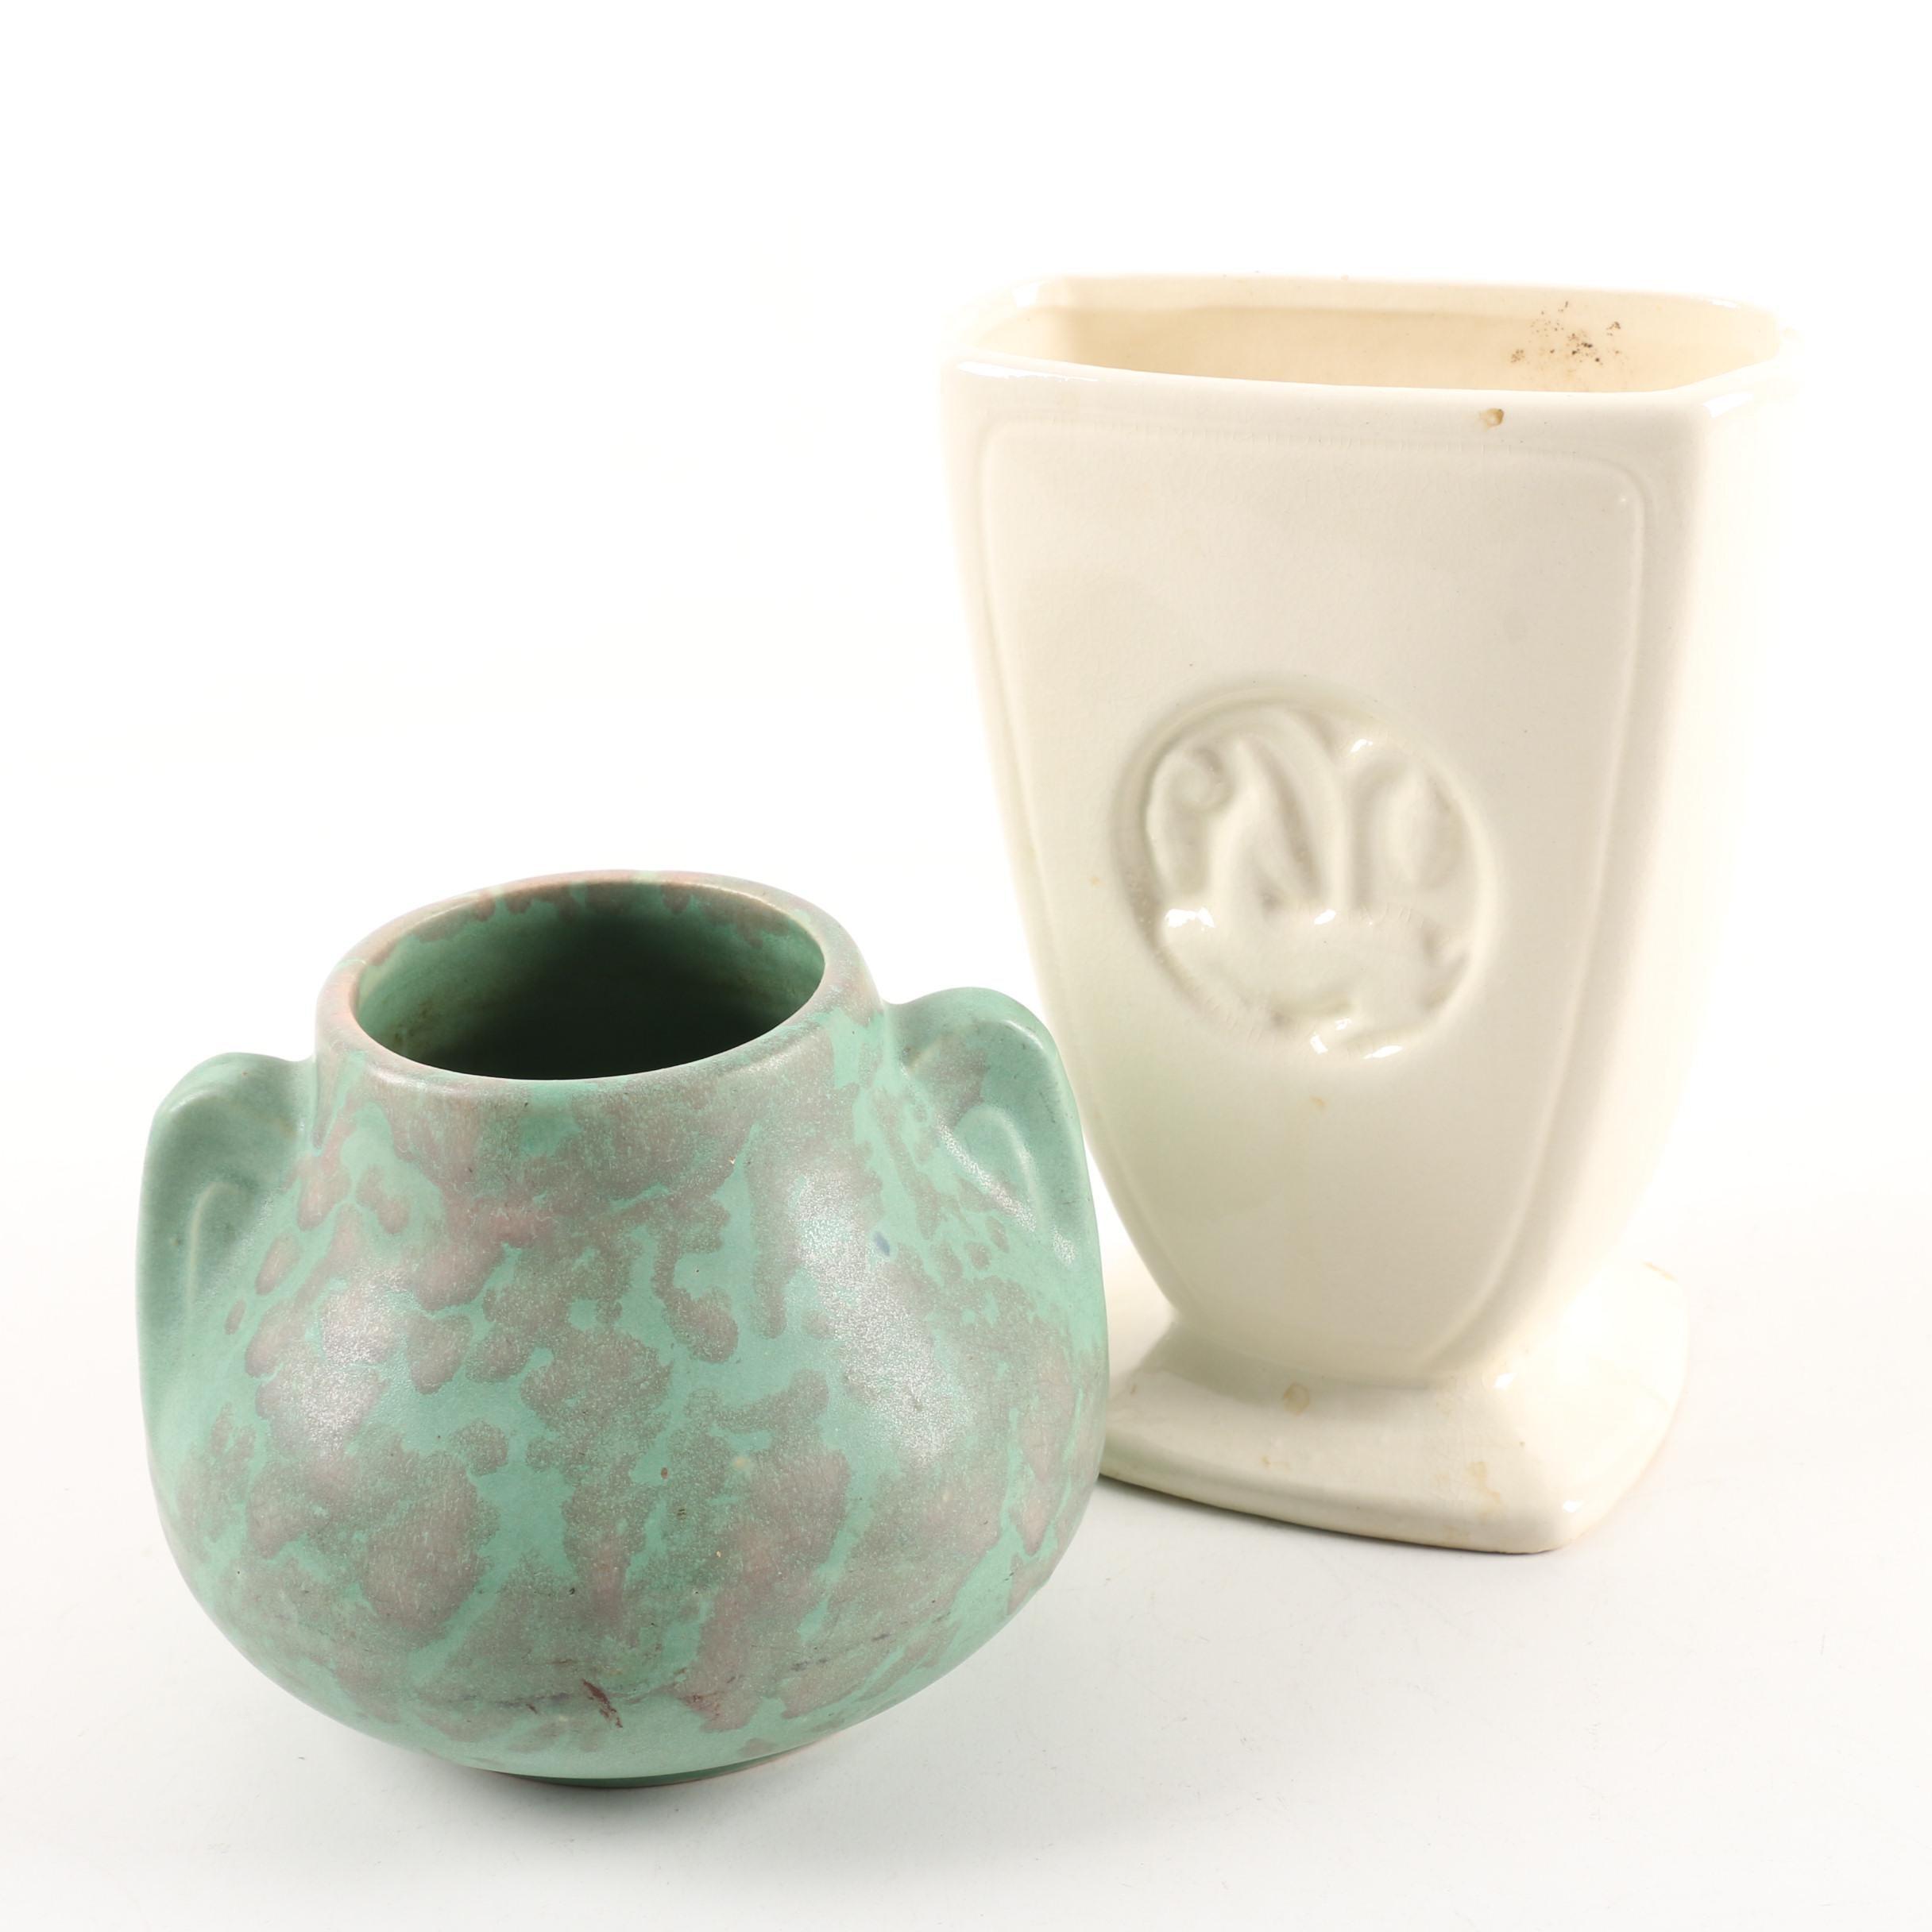 Vintage Ceramic Vases including Burley Winter